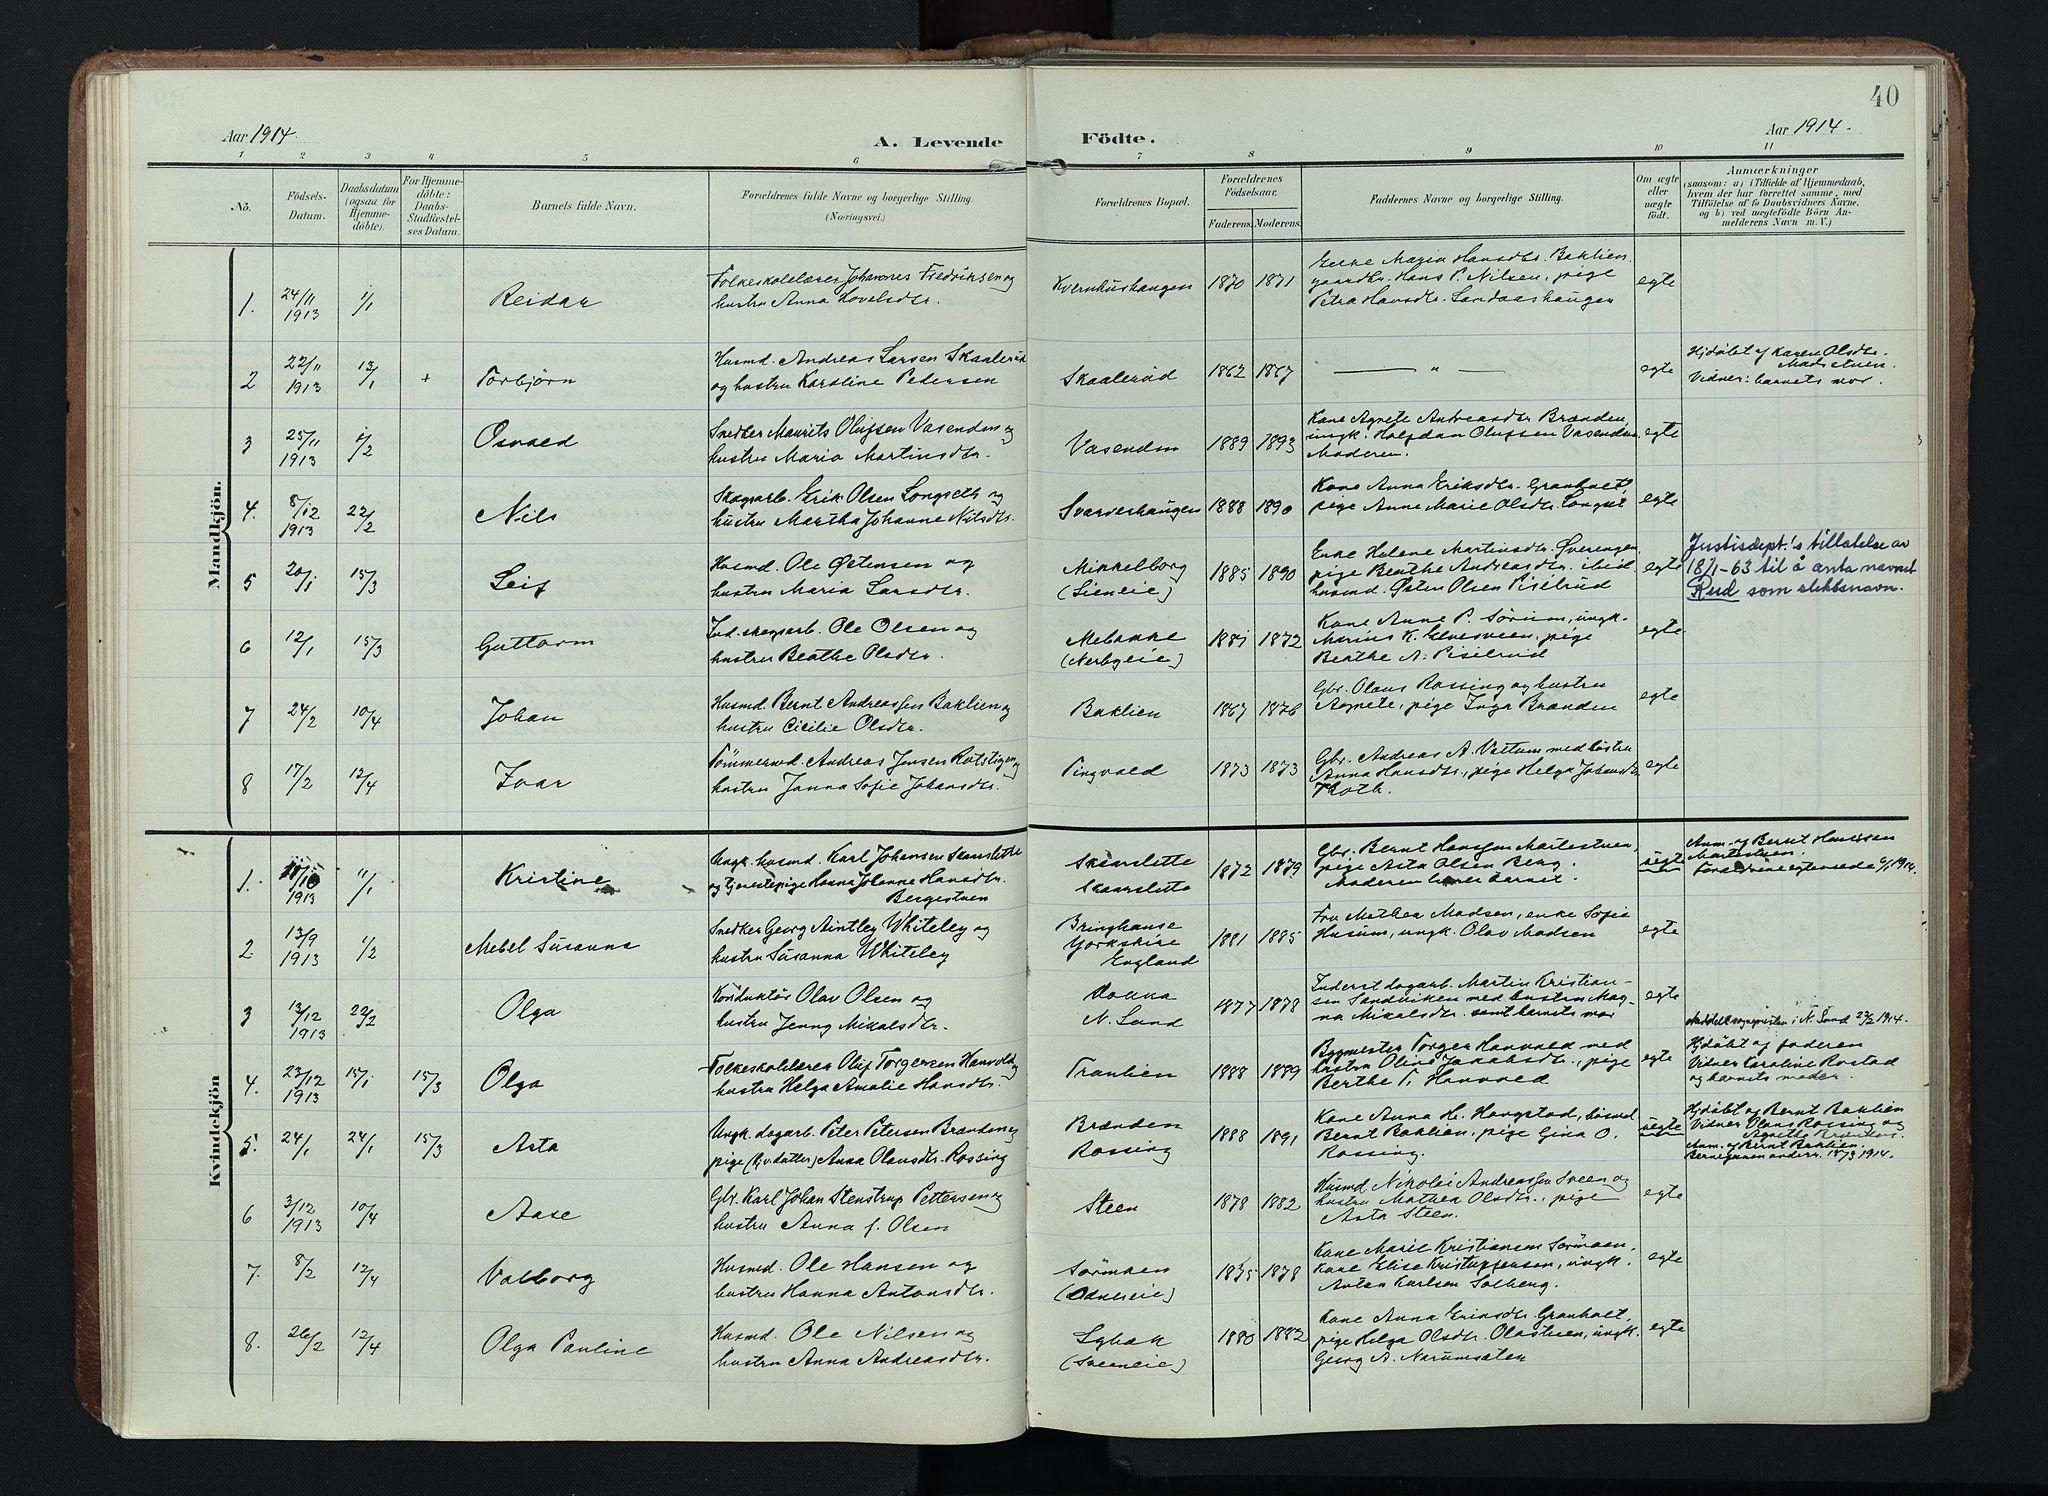 SAH, Søndre Land prestekontor, K/L0005: Ministerialbok nr. 5, 1905-1914, s. 40